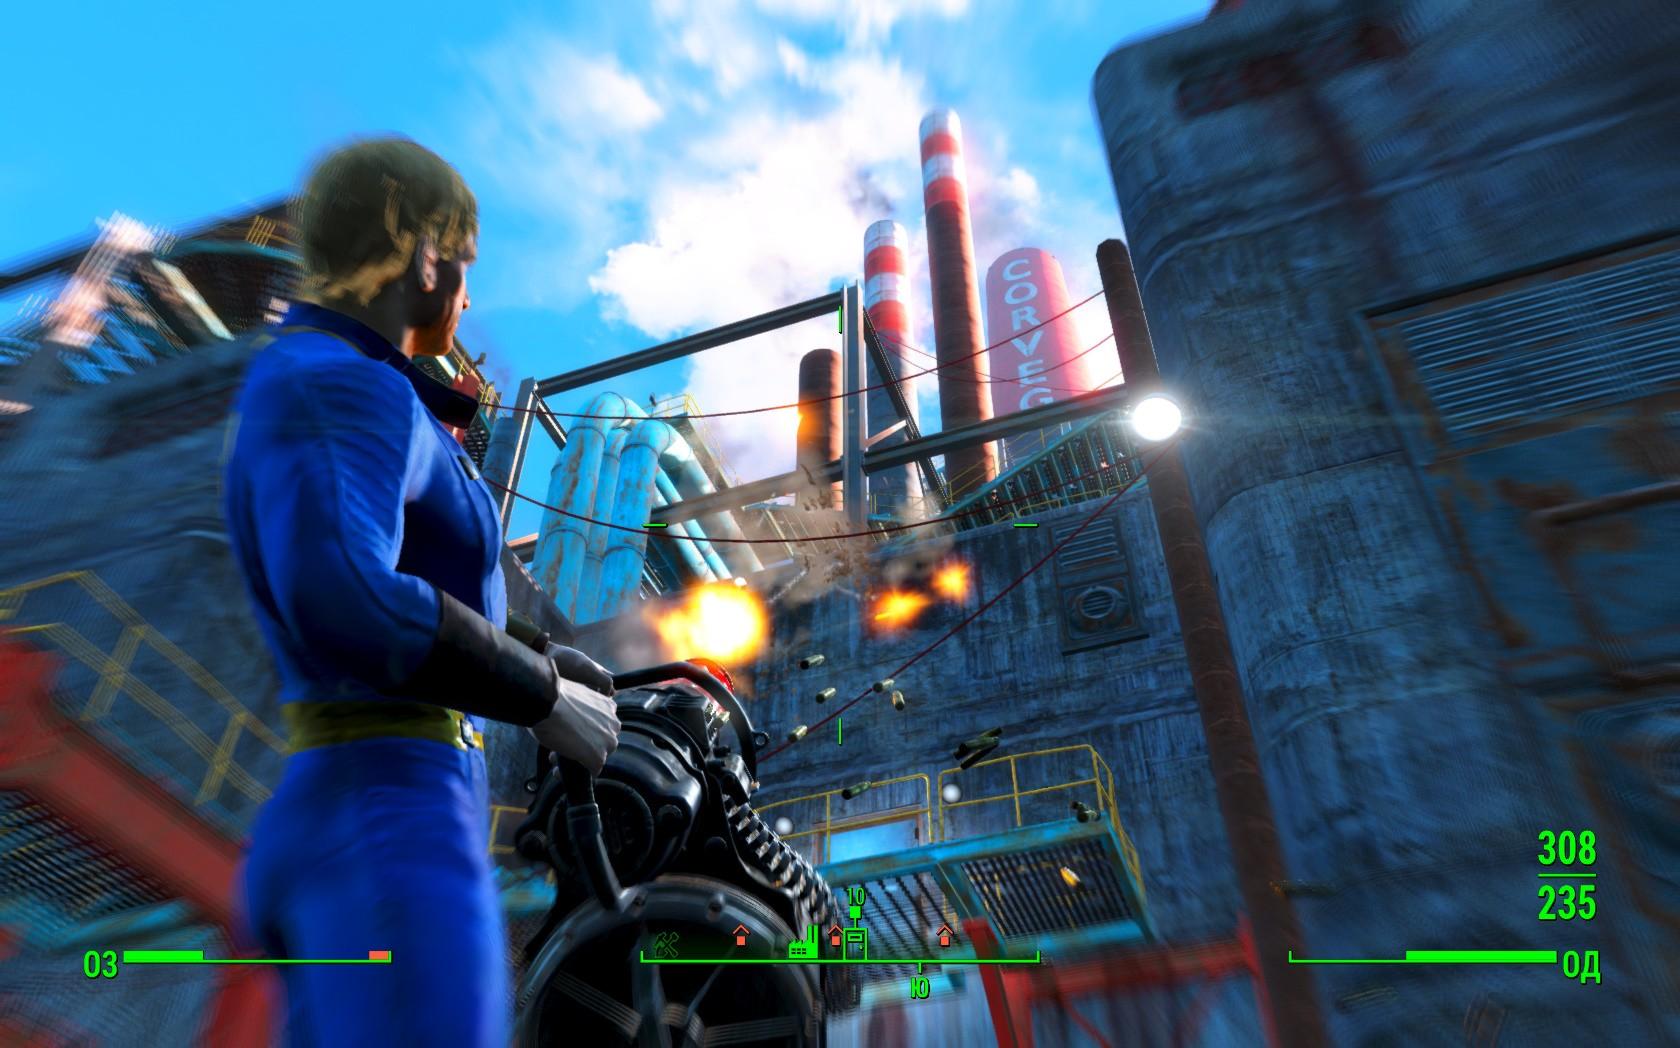 Замедление времени ☢ Bullet Time ☢ v0.7 для Fallout 4 - Скриншот 1